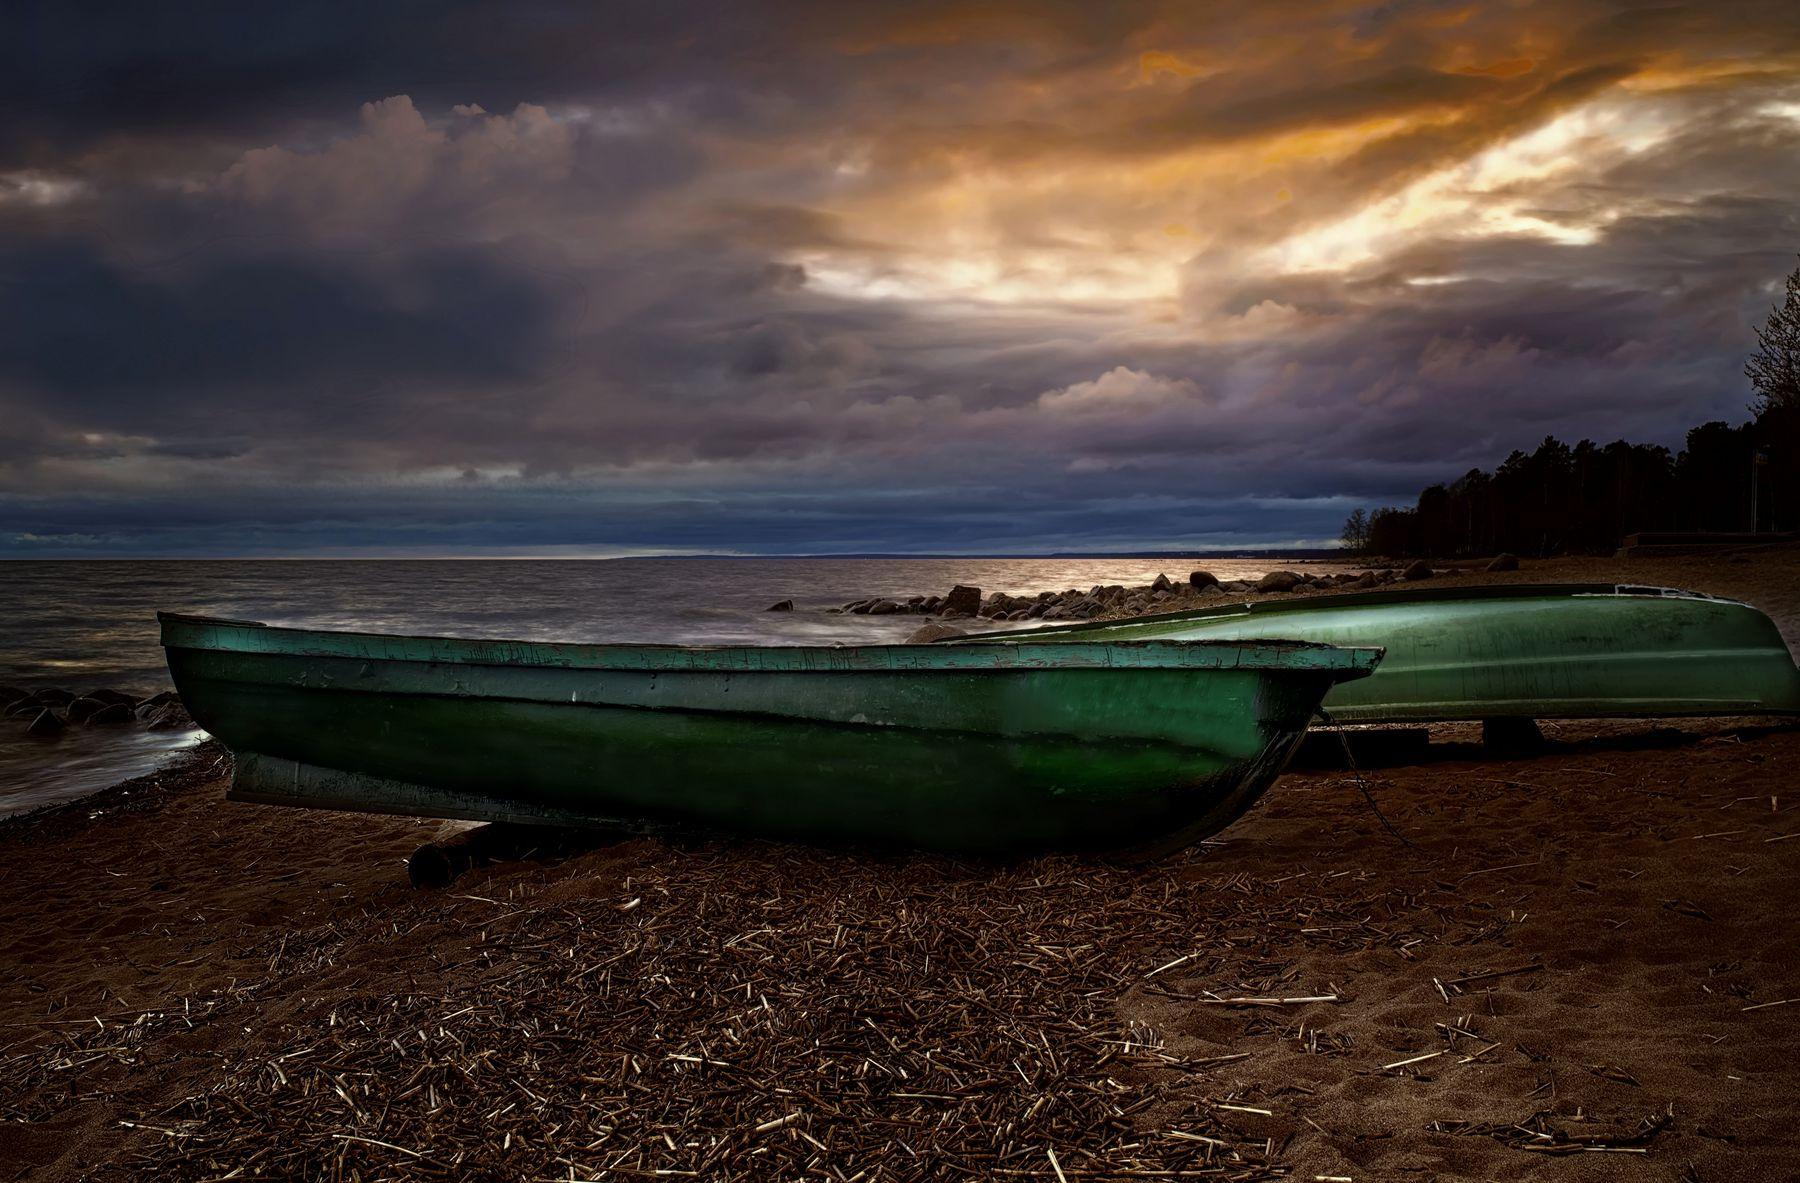 Вечер на Балтике пейзаж море вечер лодки закат небо облака берег